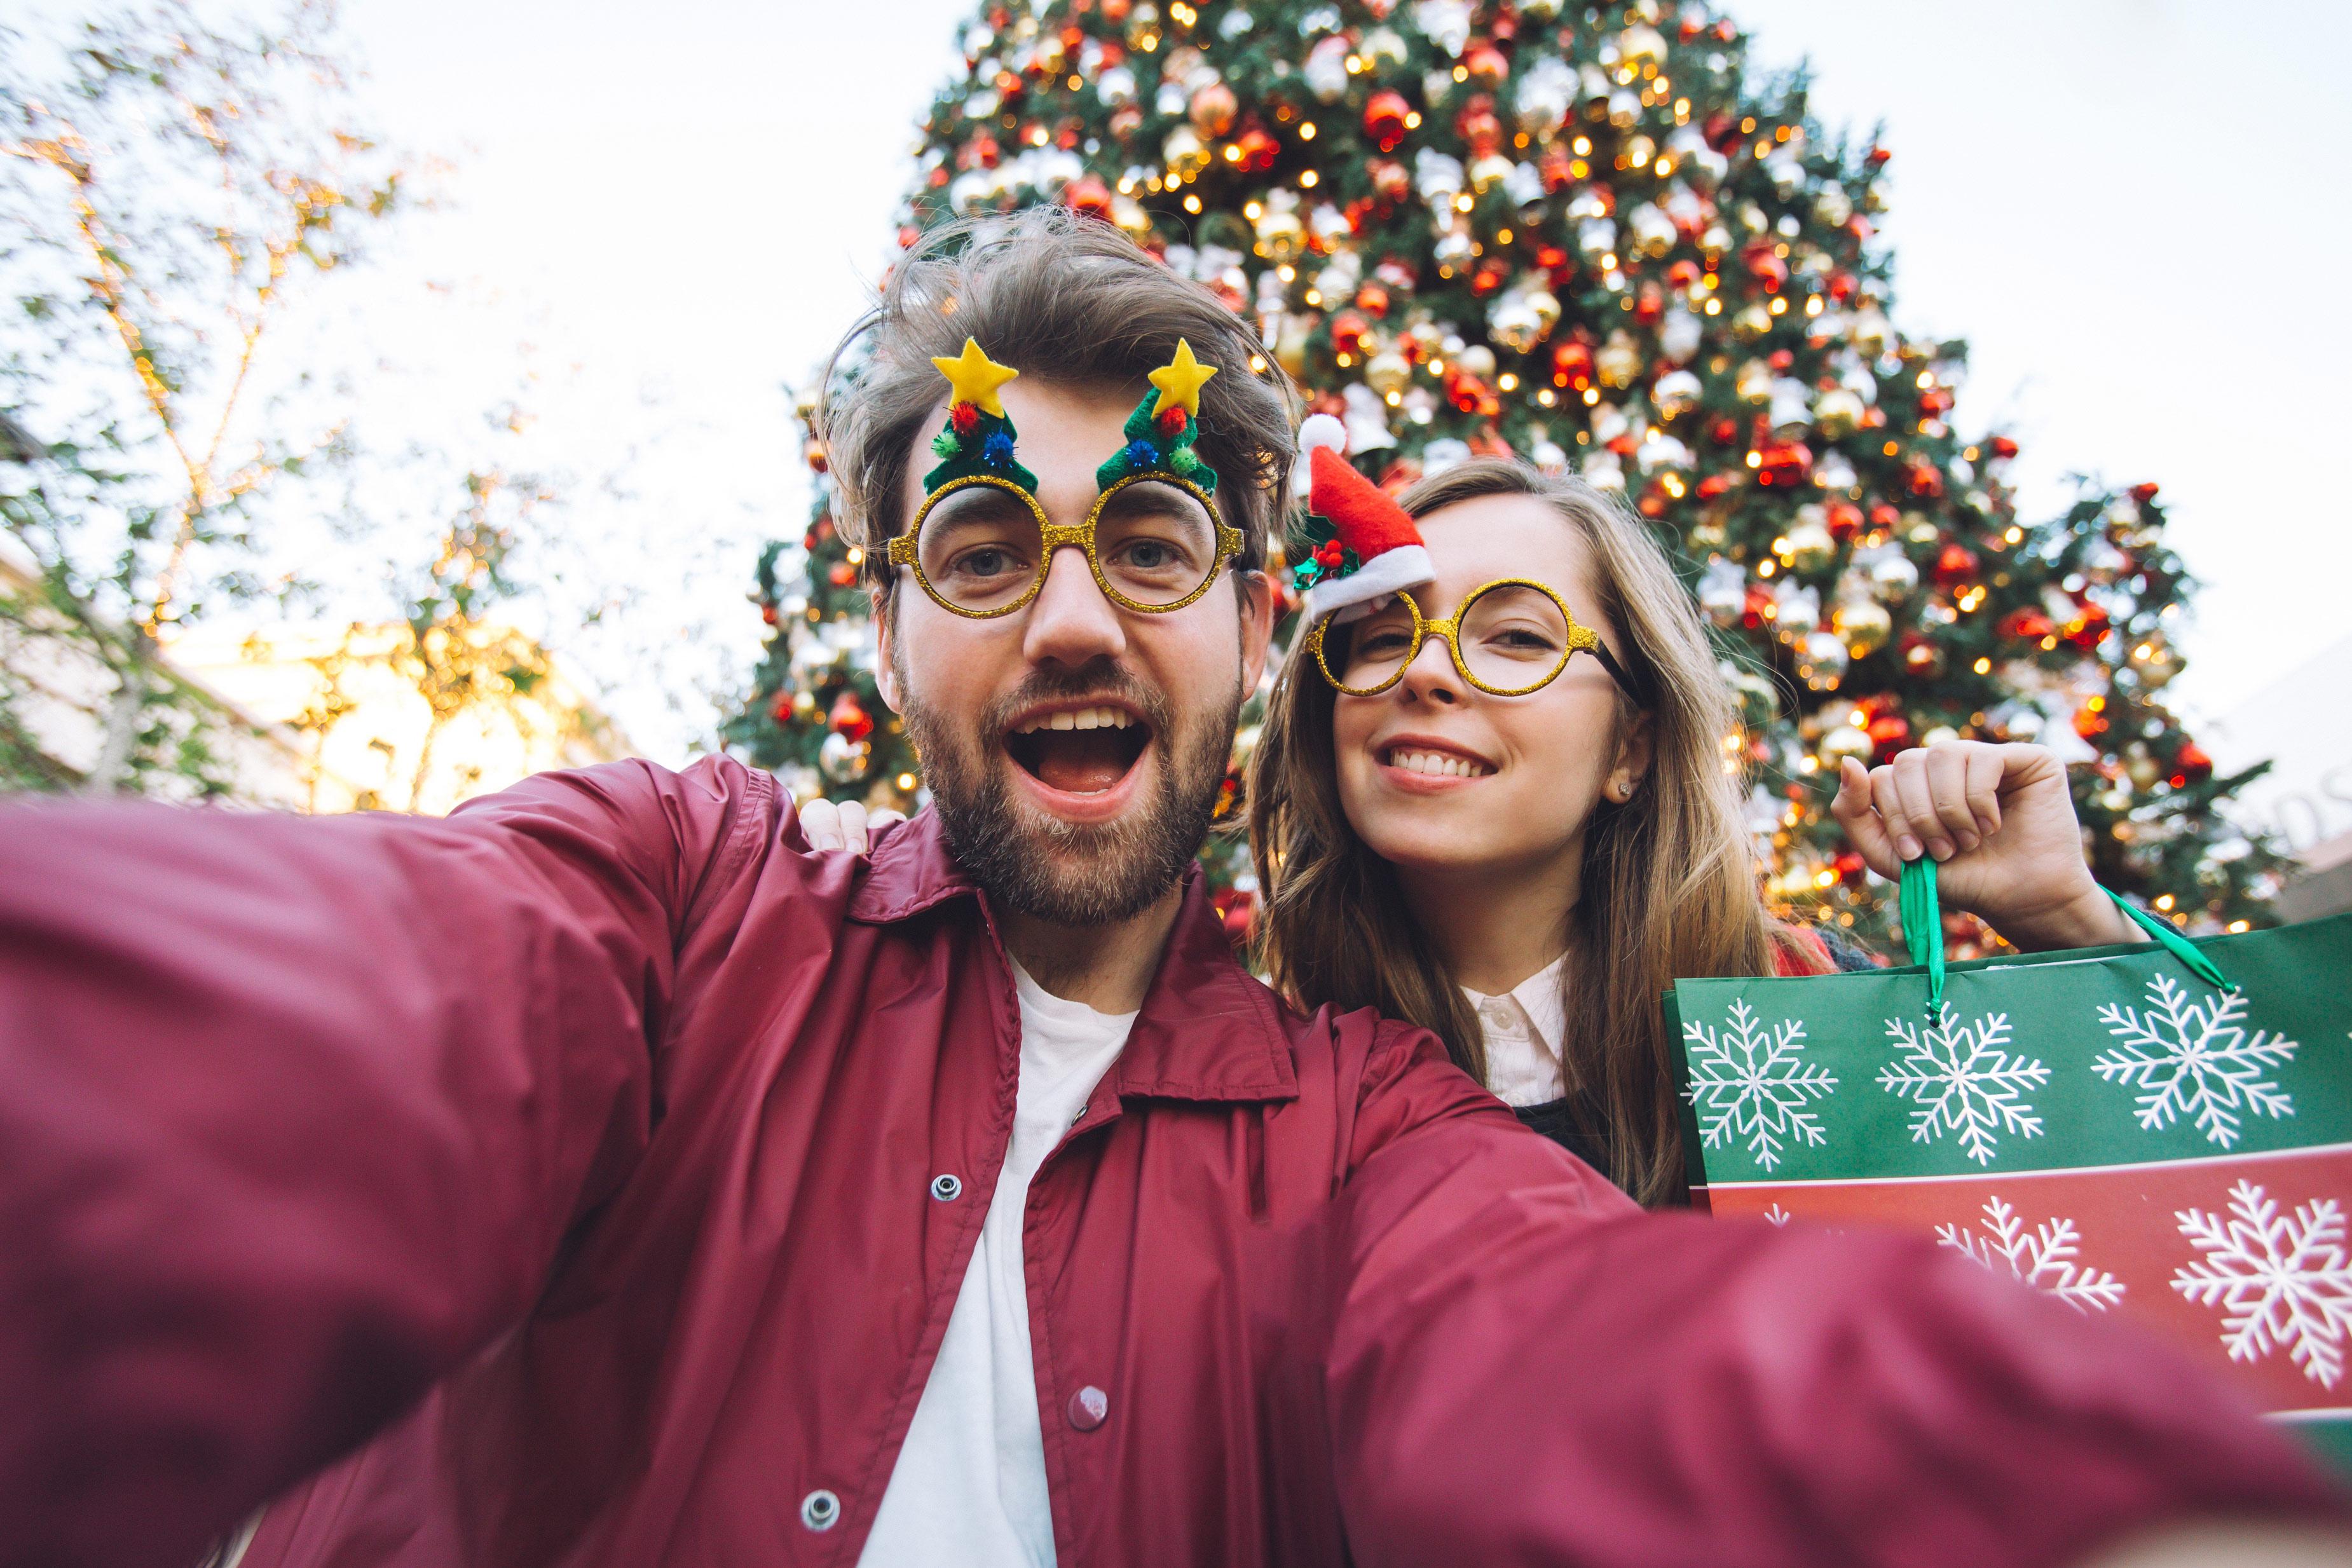 Acheter les cadeaux de noel en couple